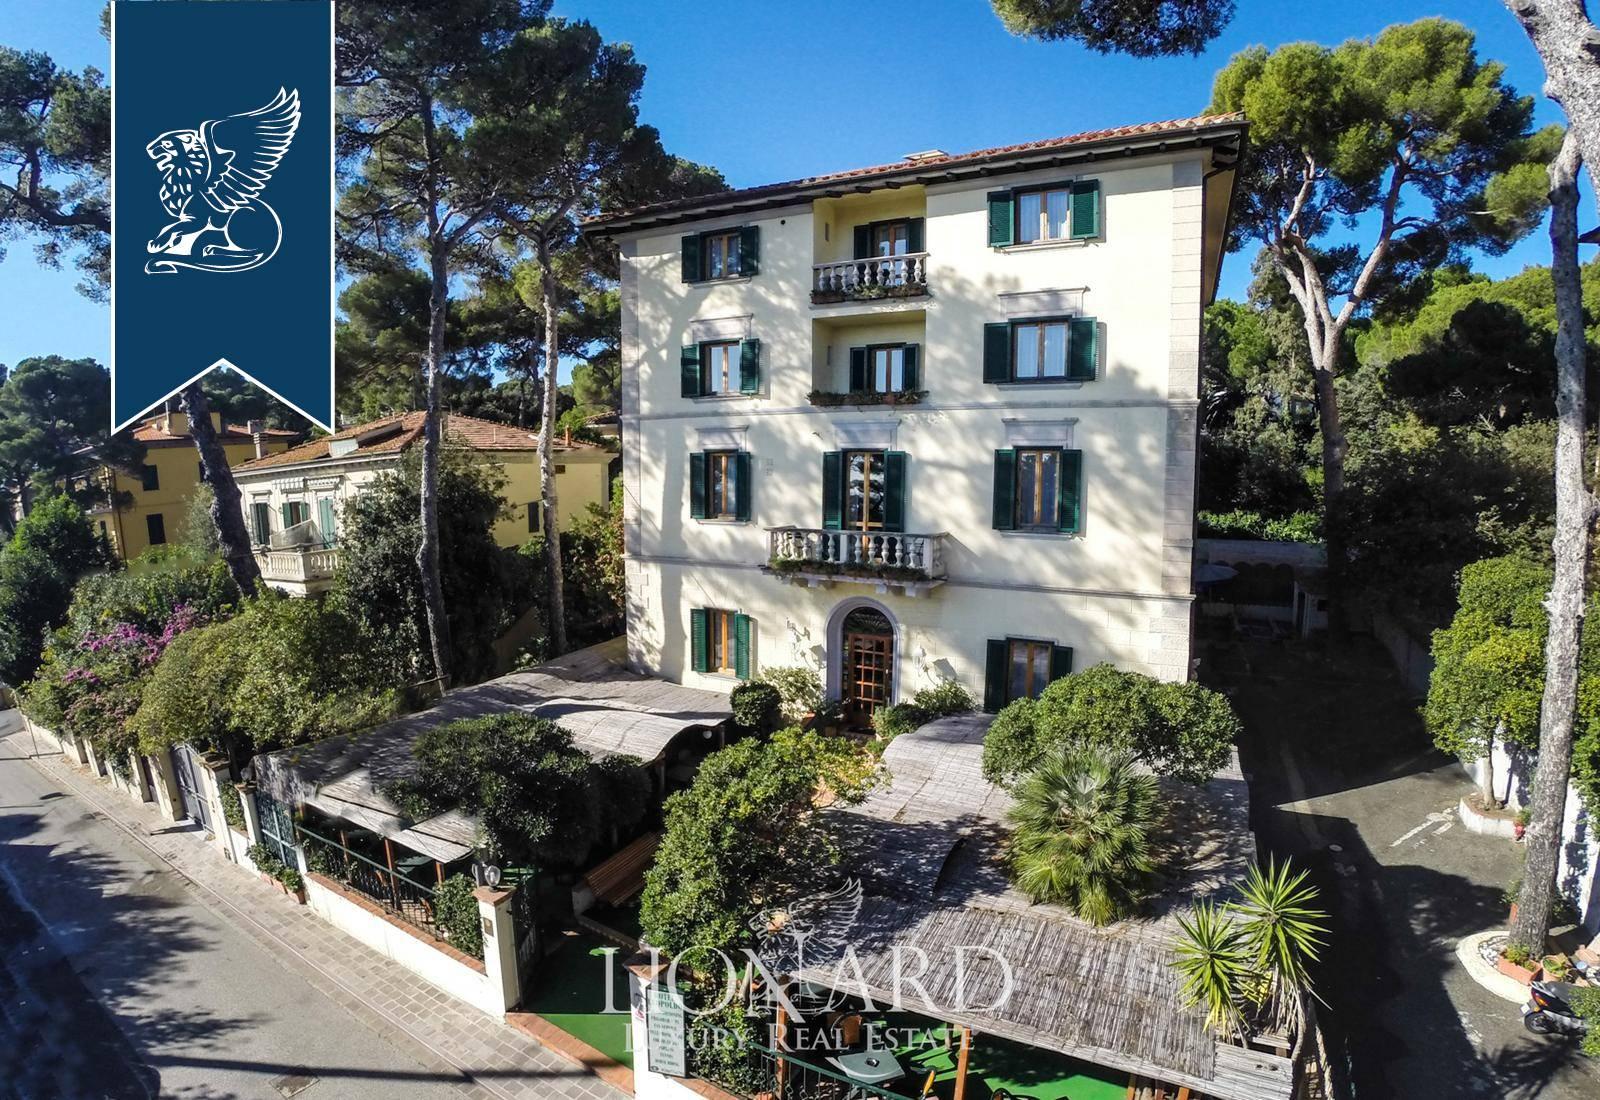 Albergo in Vendita a Rosignano Marittimo: 0 locali, 1000 mq - Foto 6